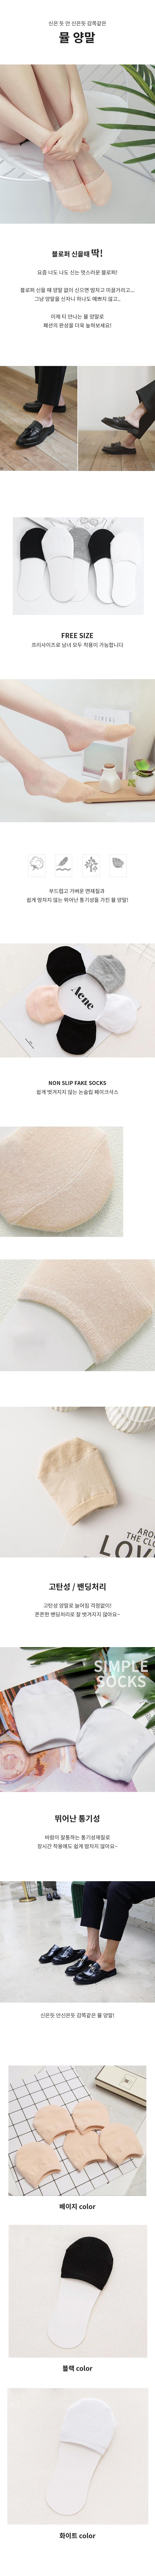 갓샵 뮬 블로퍼 반 양말 덧신 3color 앞코 반쪽 하프 - 갓샵, 1,500원, 여성양말, 페이크삭스